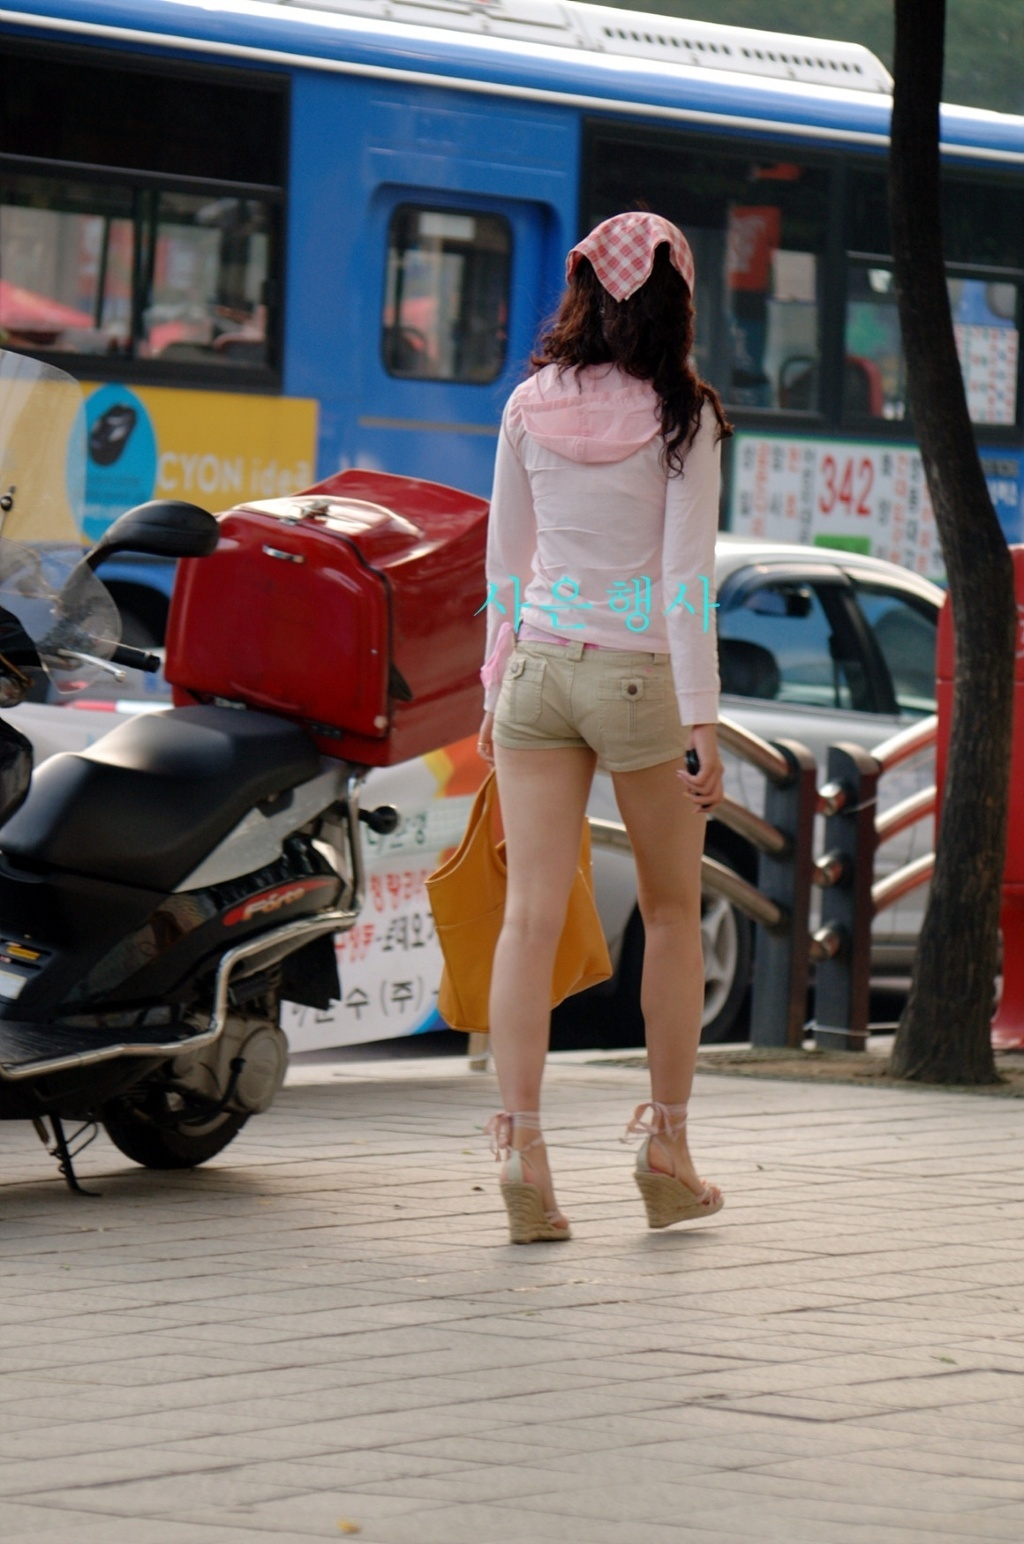 ホットパンツフェチ part21 [無断転載禁止]©bbspink.comYouTube動画>25本 ->画像>1392枚